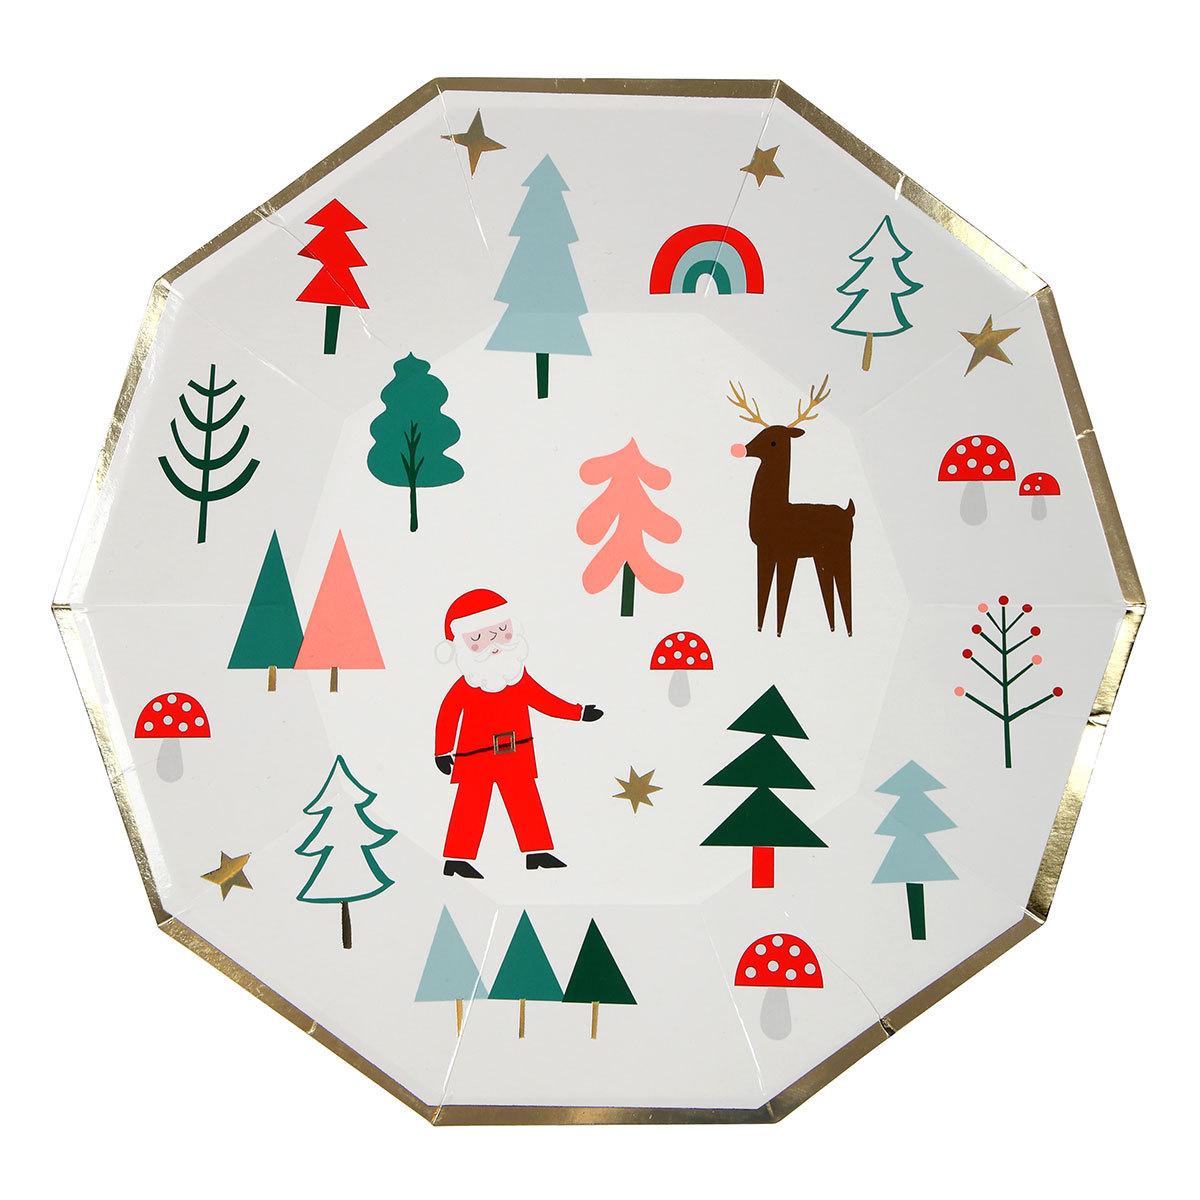 Anniversaire & Fête Lot de 8 Grandes Assiettes de Noël Lot de 8 Grandes Assiettes de Noël